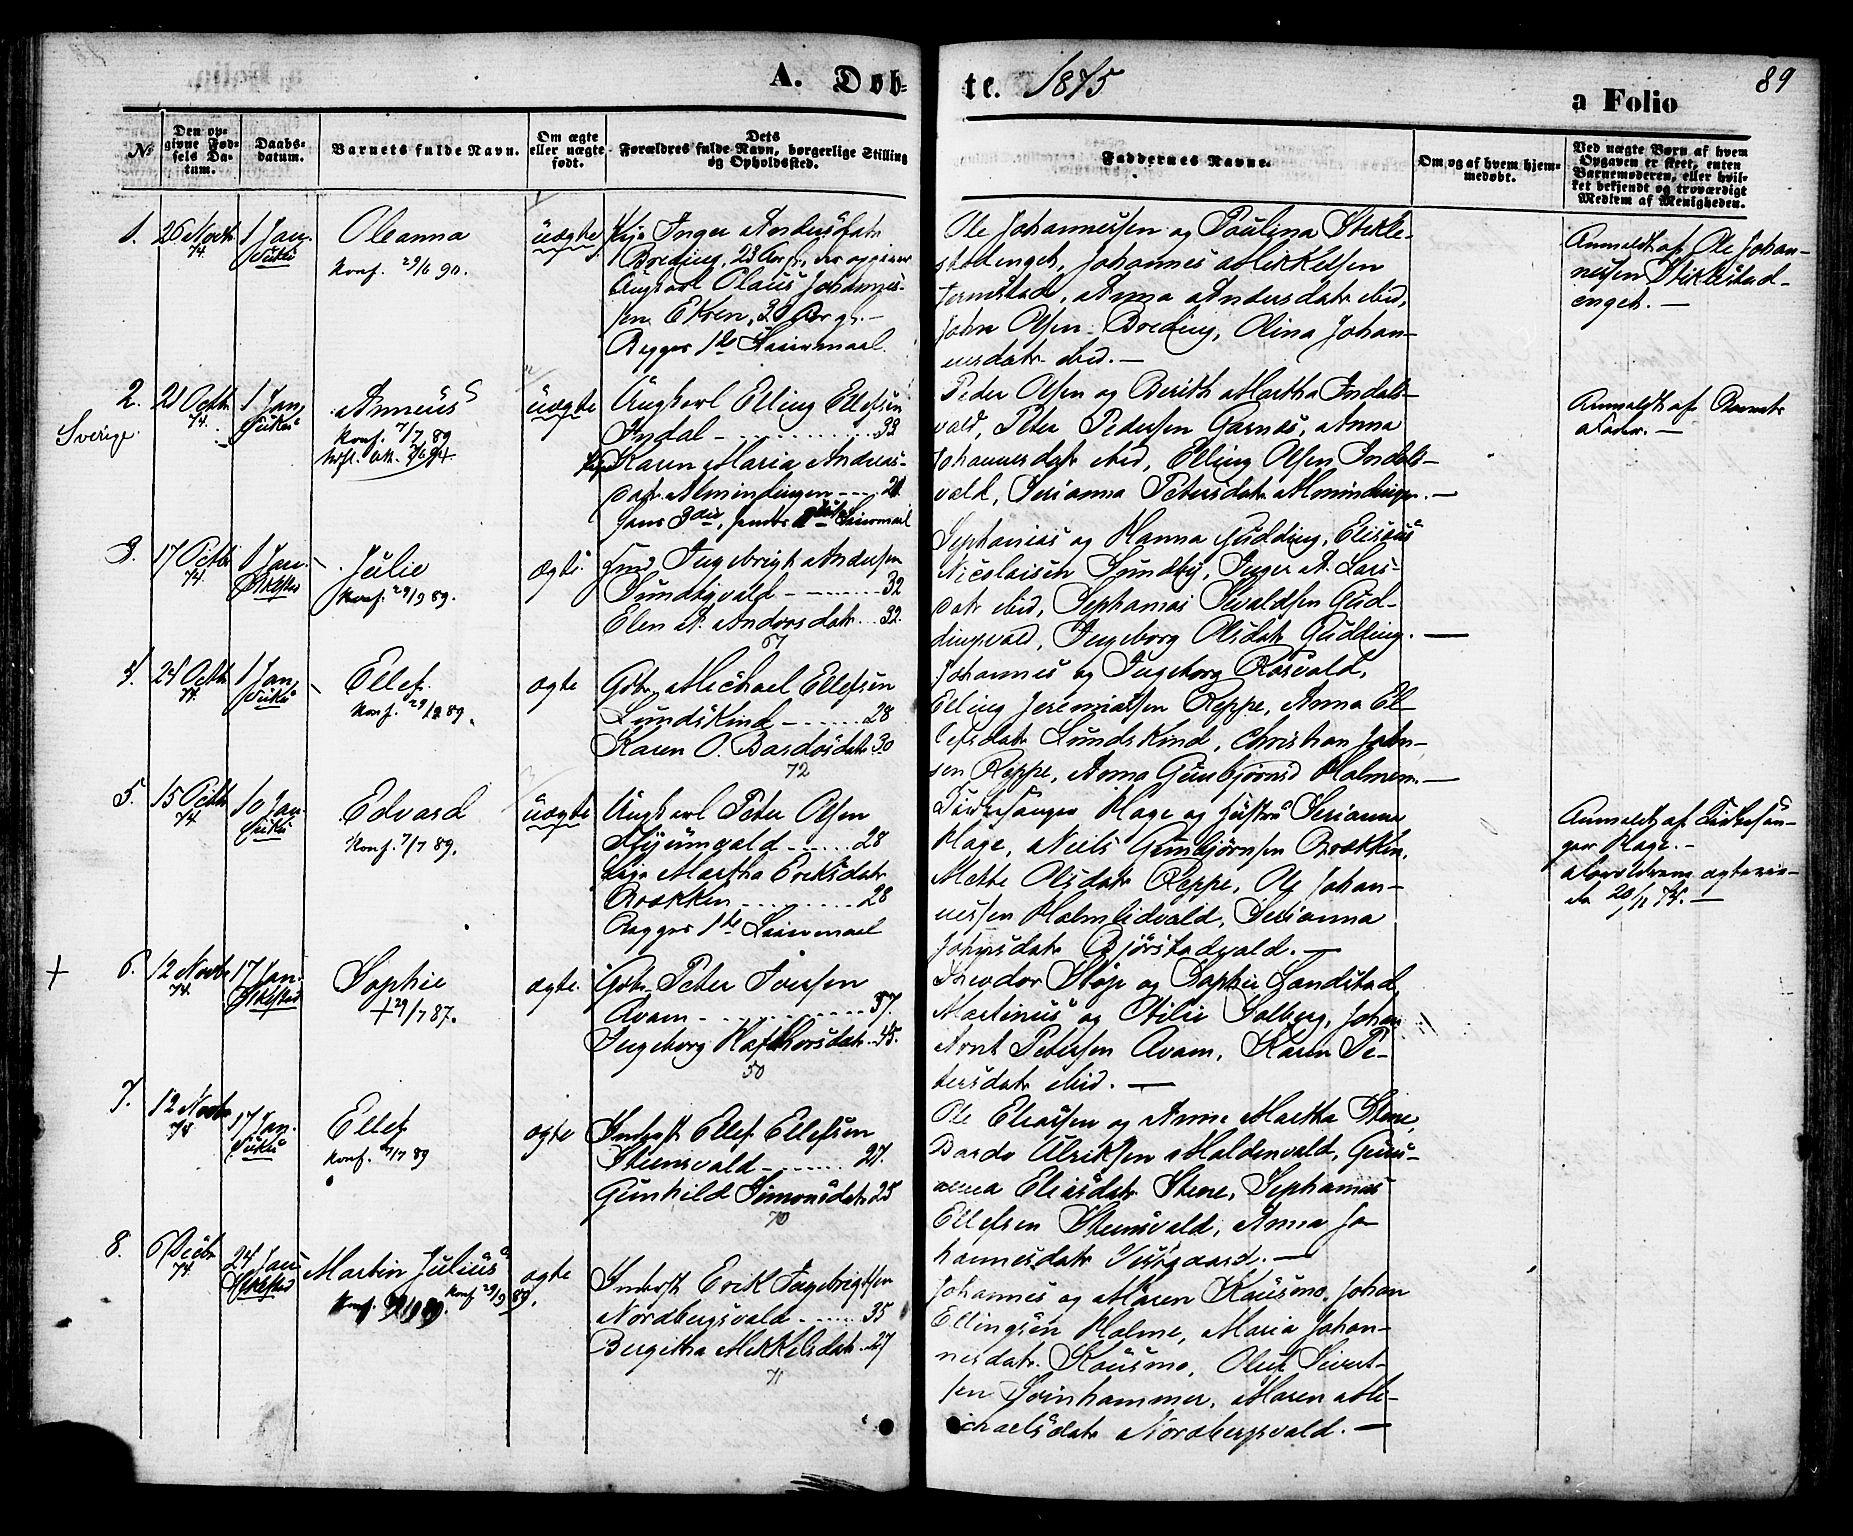 SAT, Ministerialprotokoller, klokkerbøker og fødselsregistre - Nord-Trøndelag, 723/L0242: Ministerialbok nr. 723A11, 1870-1880, s. 89